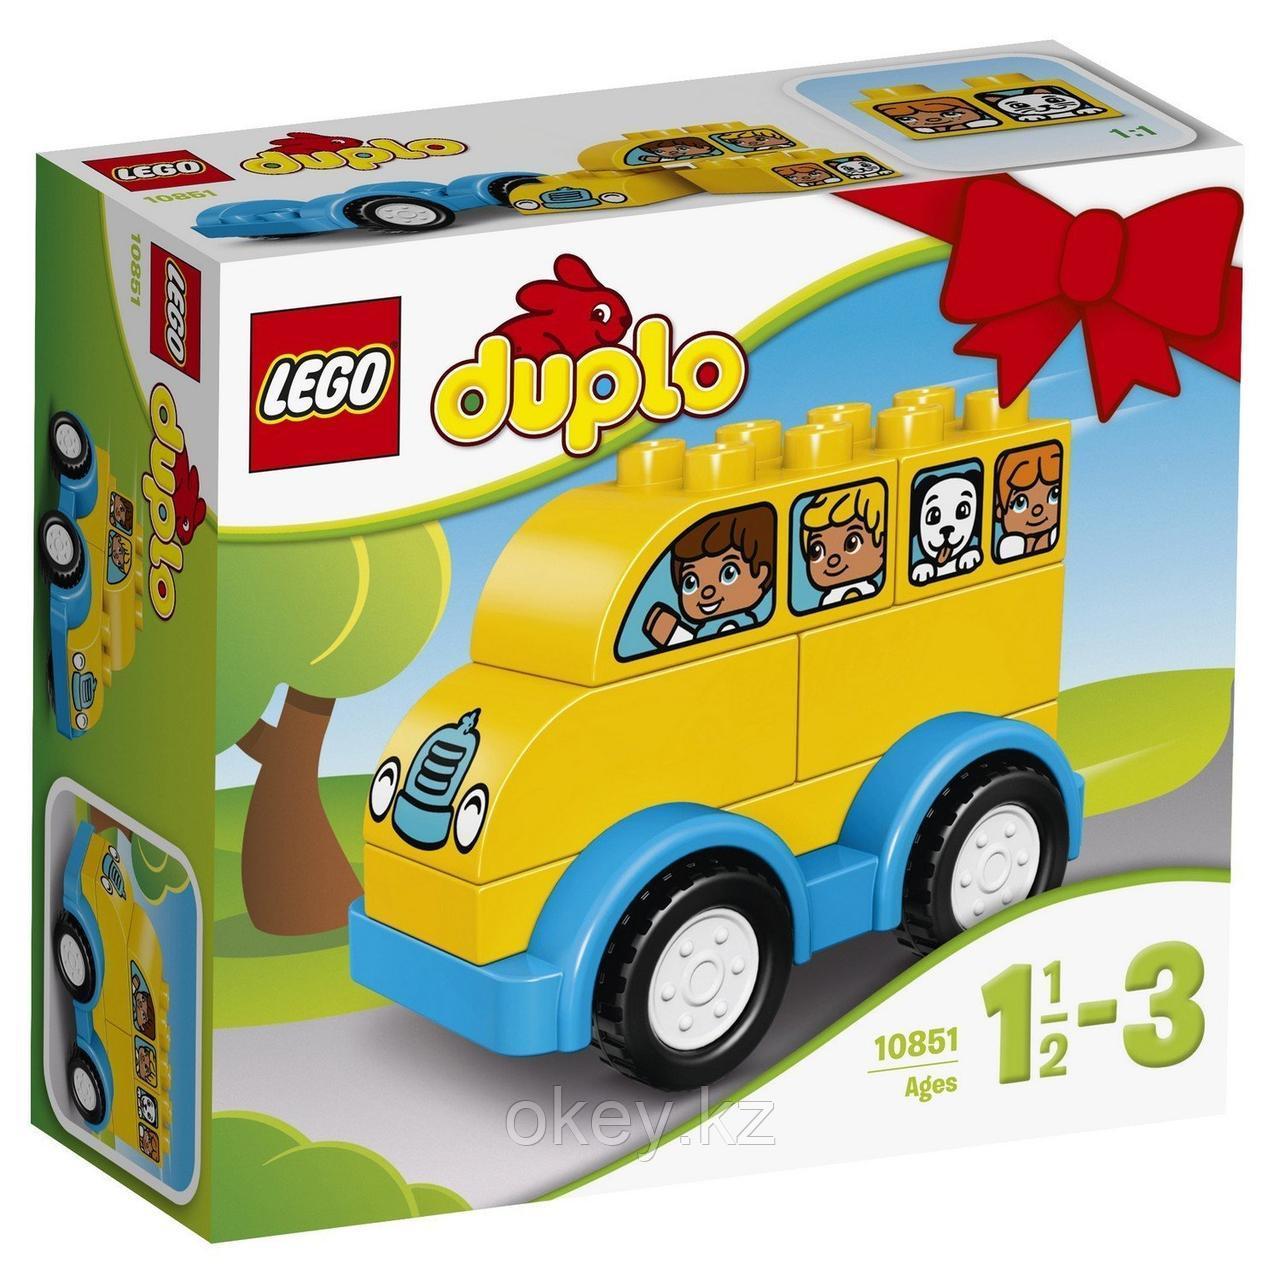 LEGO Duplo: Мой первый автобус 10851